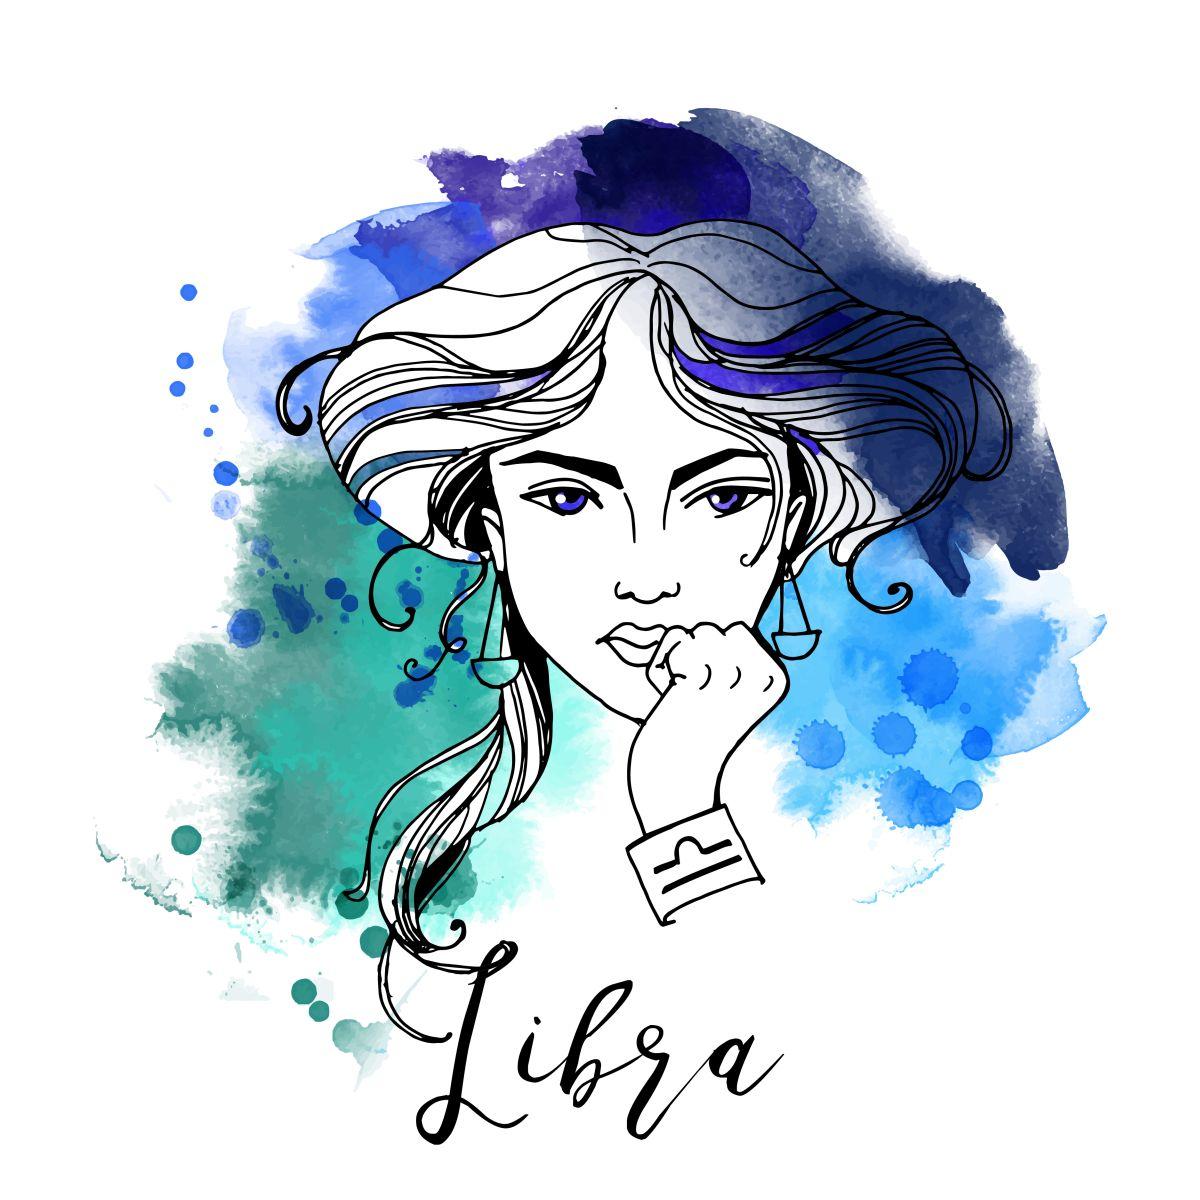 Zodia Balanță ilustrată sub forma chipului unei femei frumoase, cu coafat cu cărare pe mijloc și prins într-un coc lejer, pe un fundal în nuanțe de albastru.